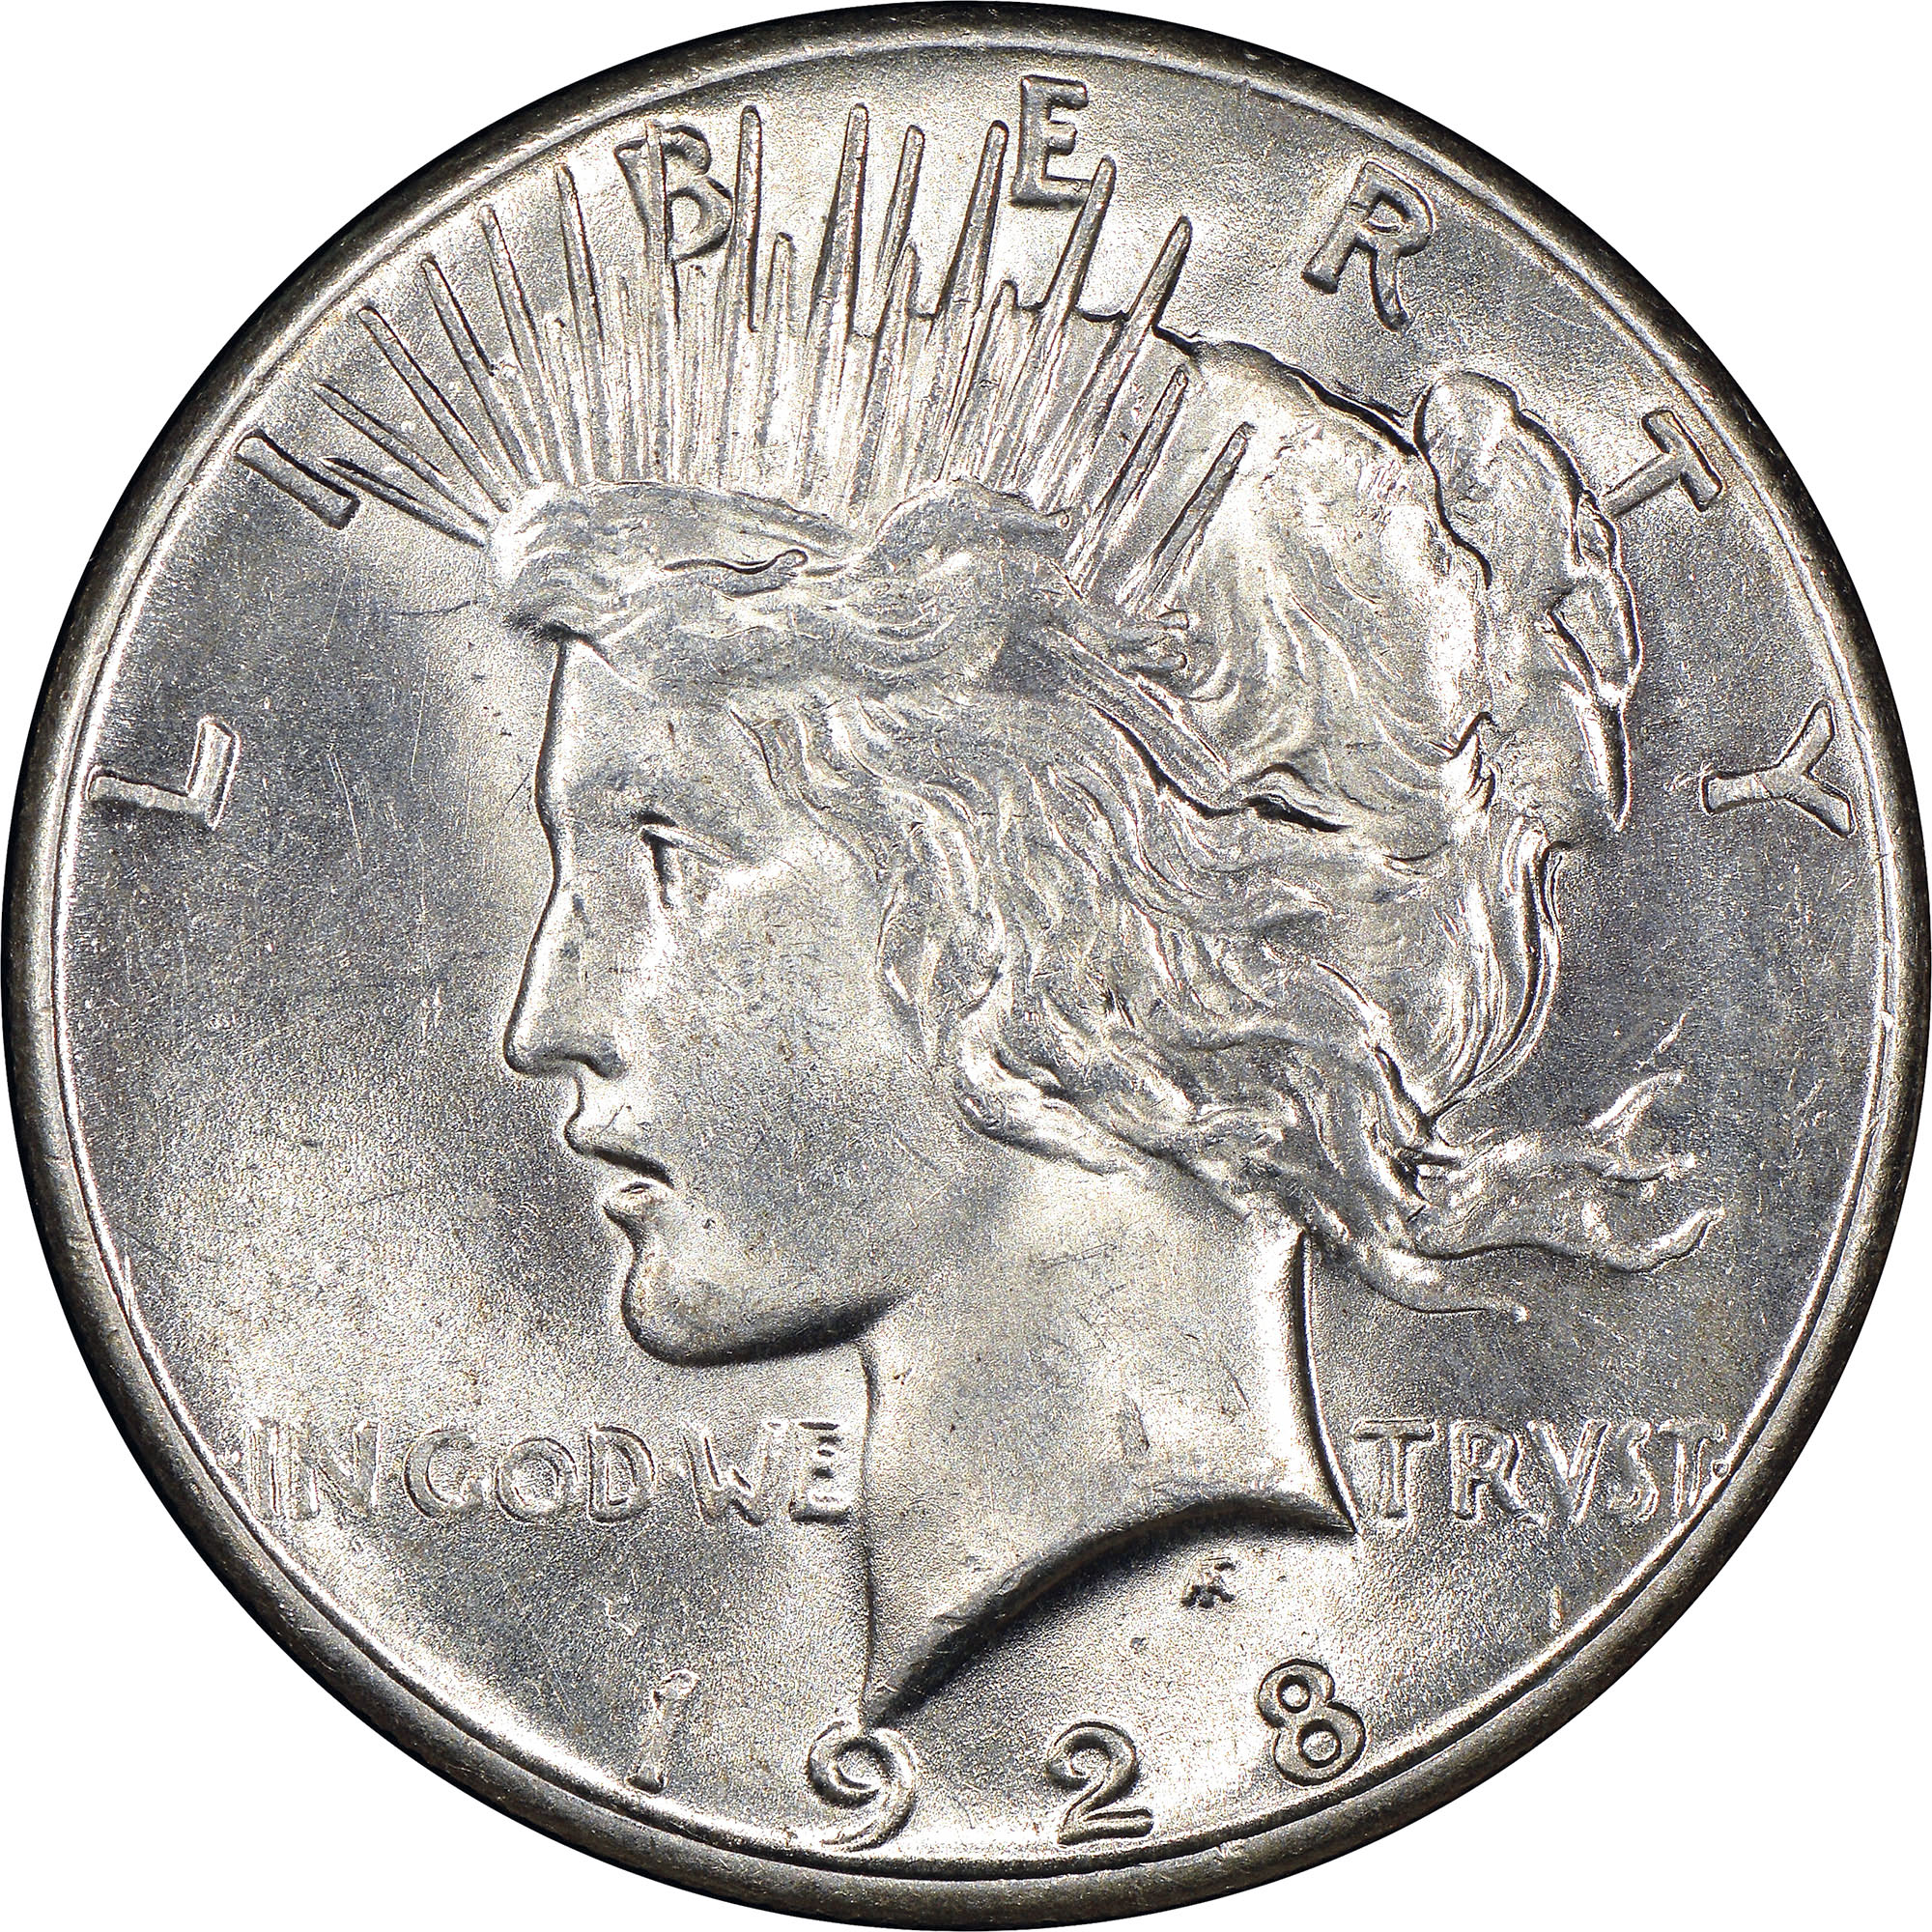 Das Design des Bicentennial Half Dollars wurde vom Kongress per Wettbewerb ausgeschrieben, den Seth G. Huntington (Initialien SGH) aus Minneapolis, Minnesota gewann. [ bearbeiten ] Ausgabemengen (Quelle: US States Mint).